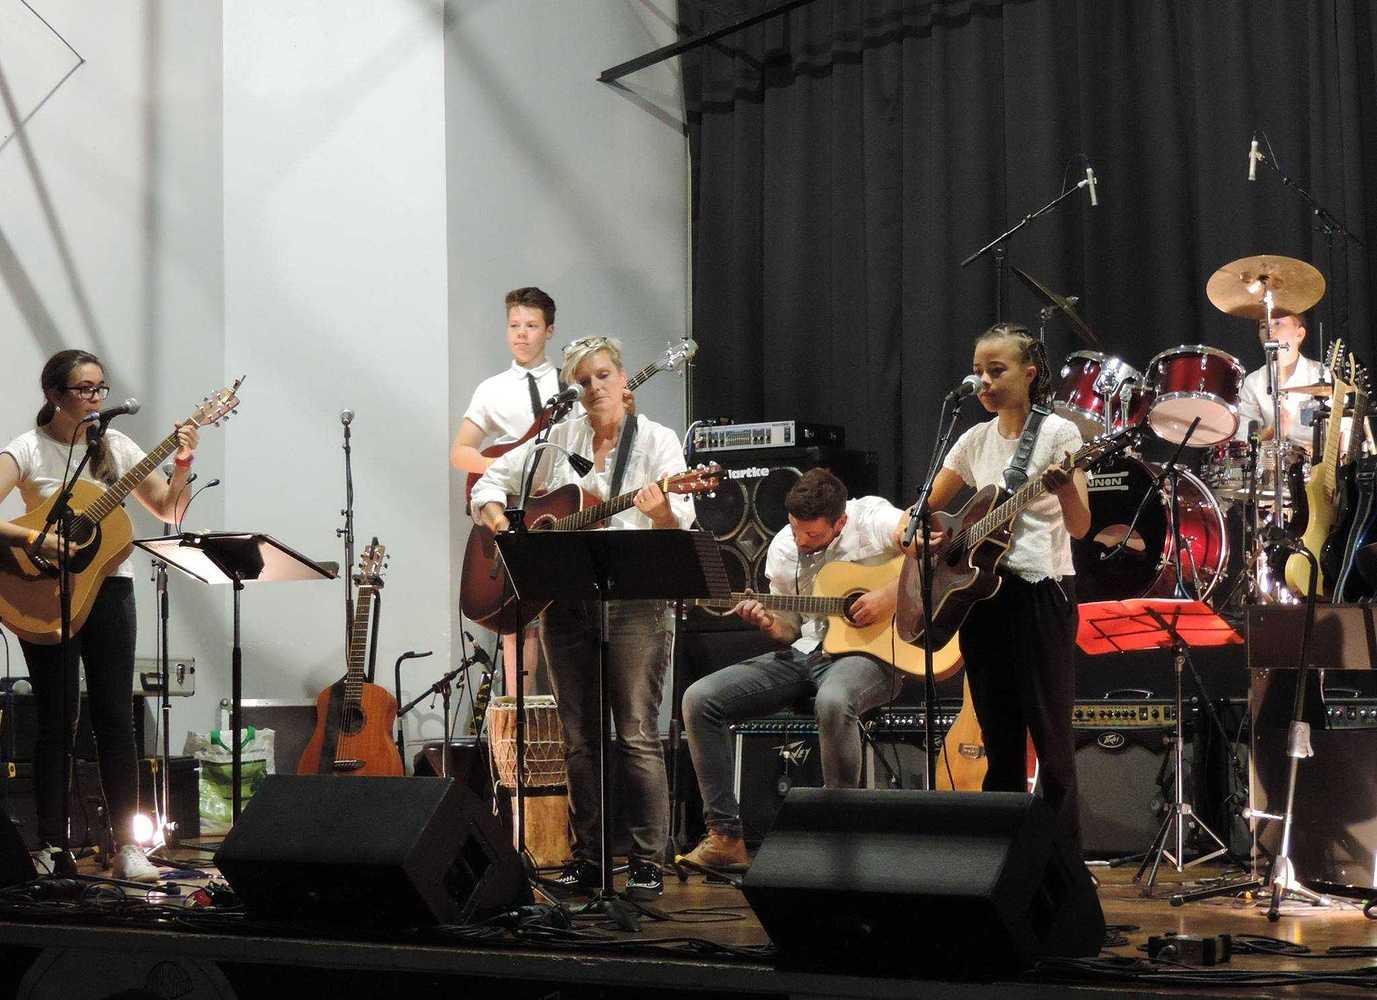 Ecole de Guitare - Concert - 29 juin 2017 - Salle des fêtes 194889745617644108780847545989045244148569o